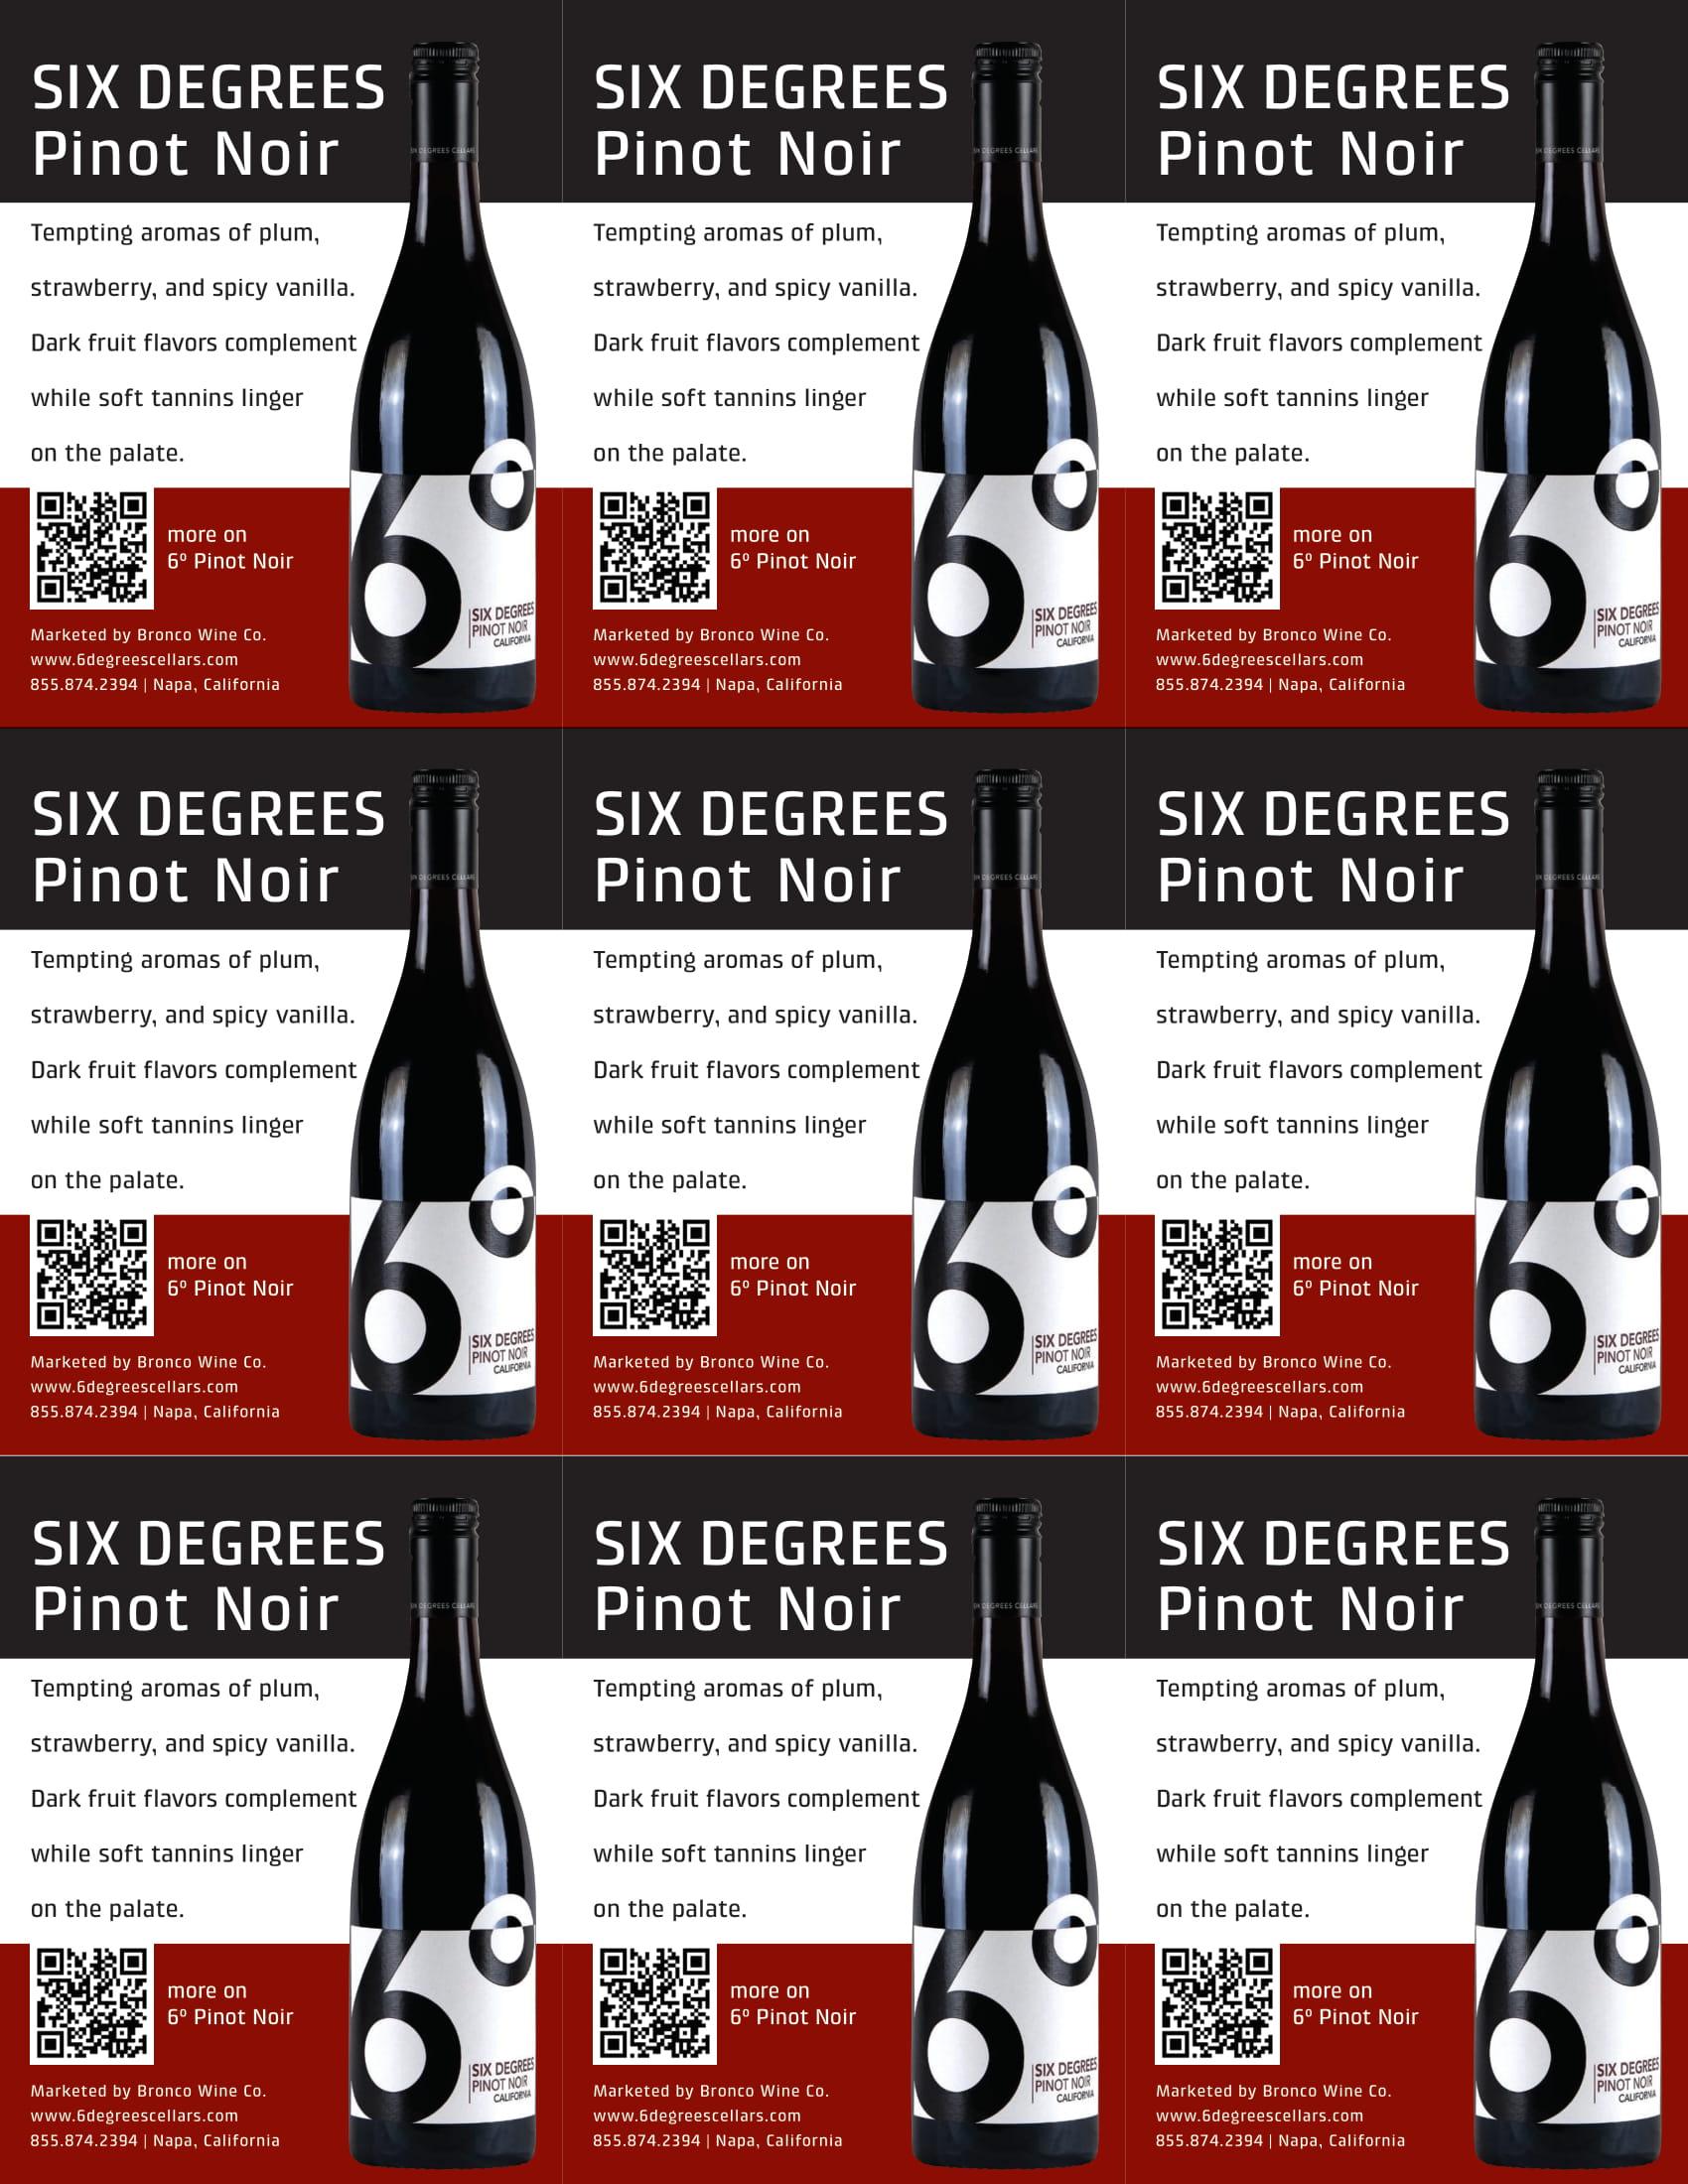 6 Degrees Pinot Noir Shelf Talkers